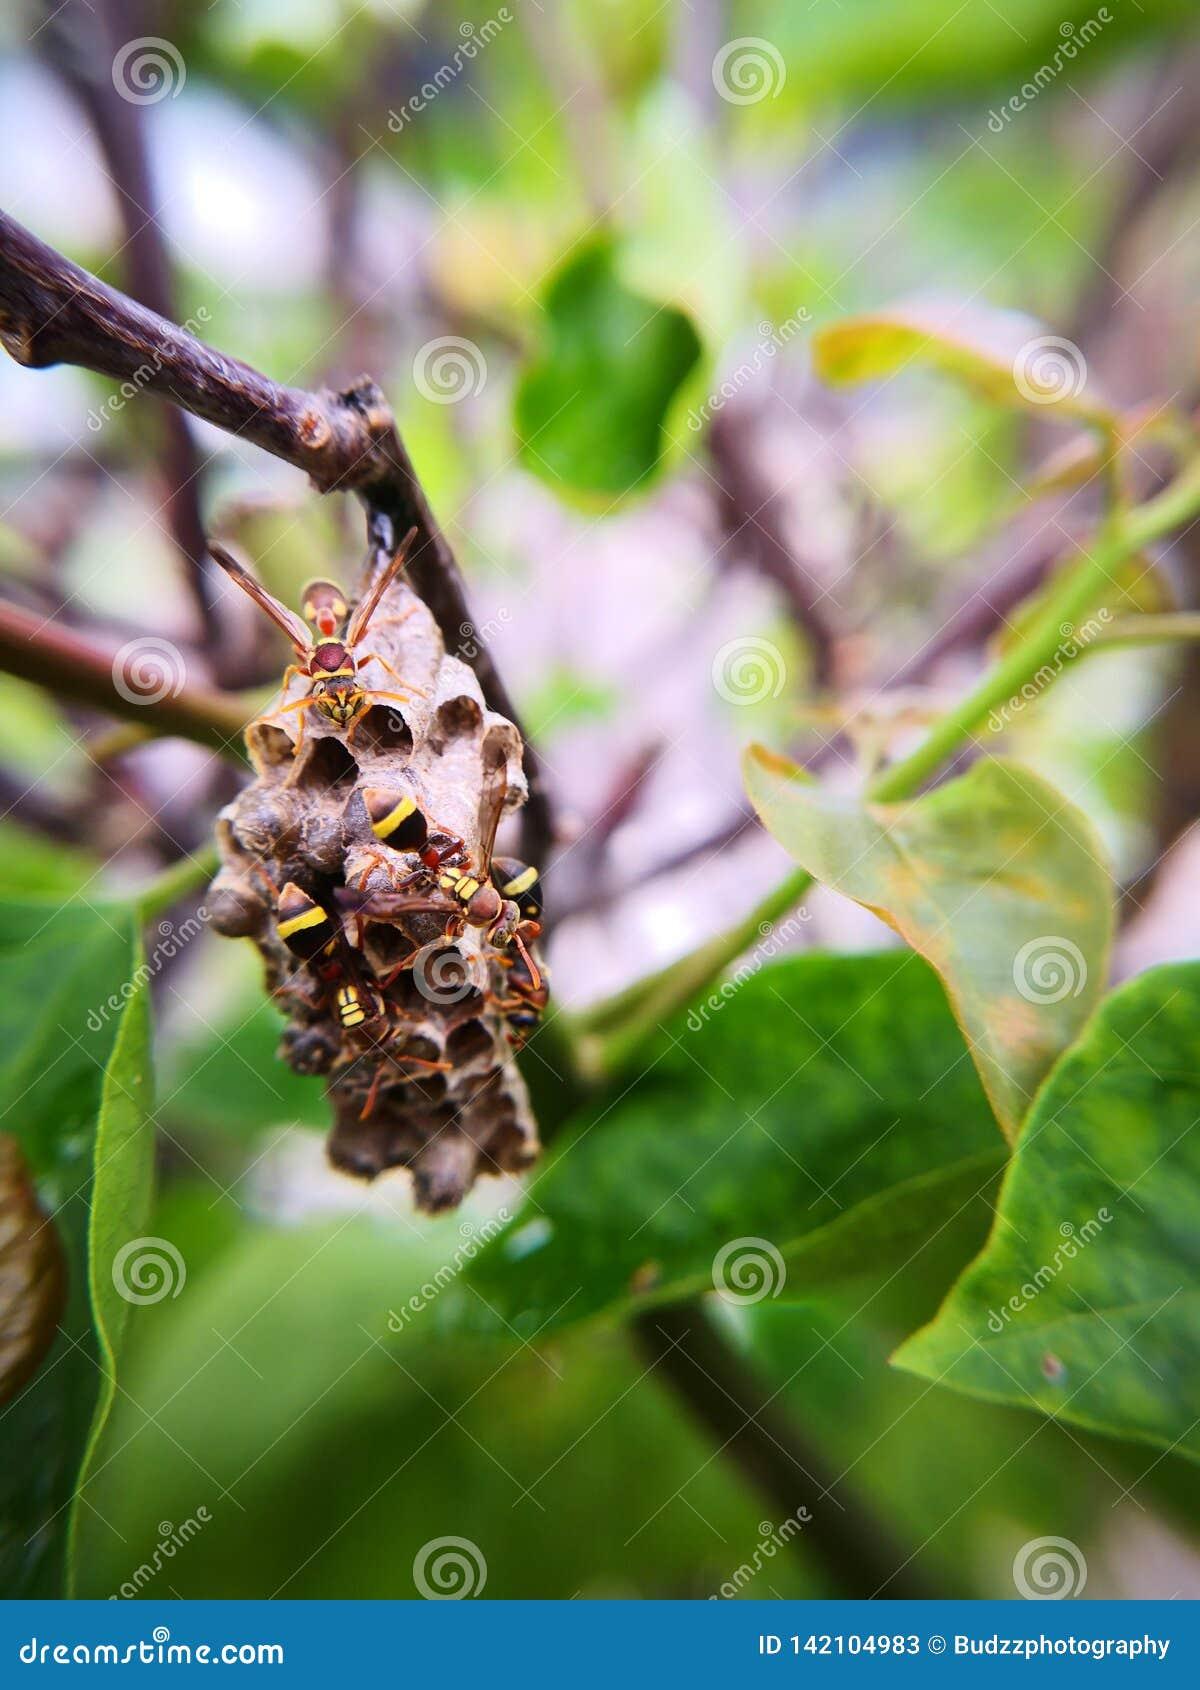 Ninho da vespa 4 vespas do guardião que protegem seus ninho e ovos Fotografia macro